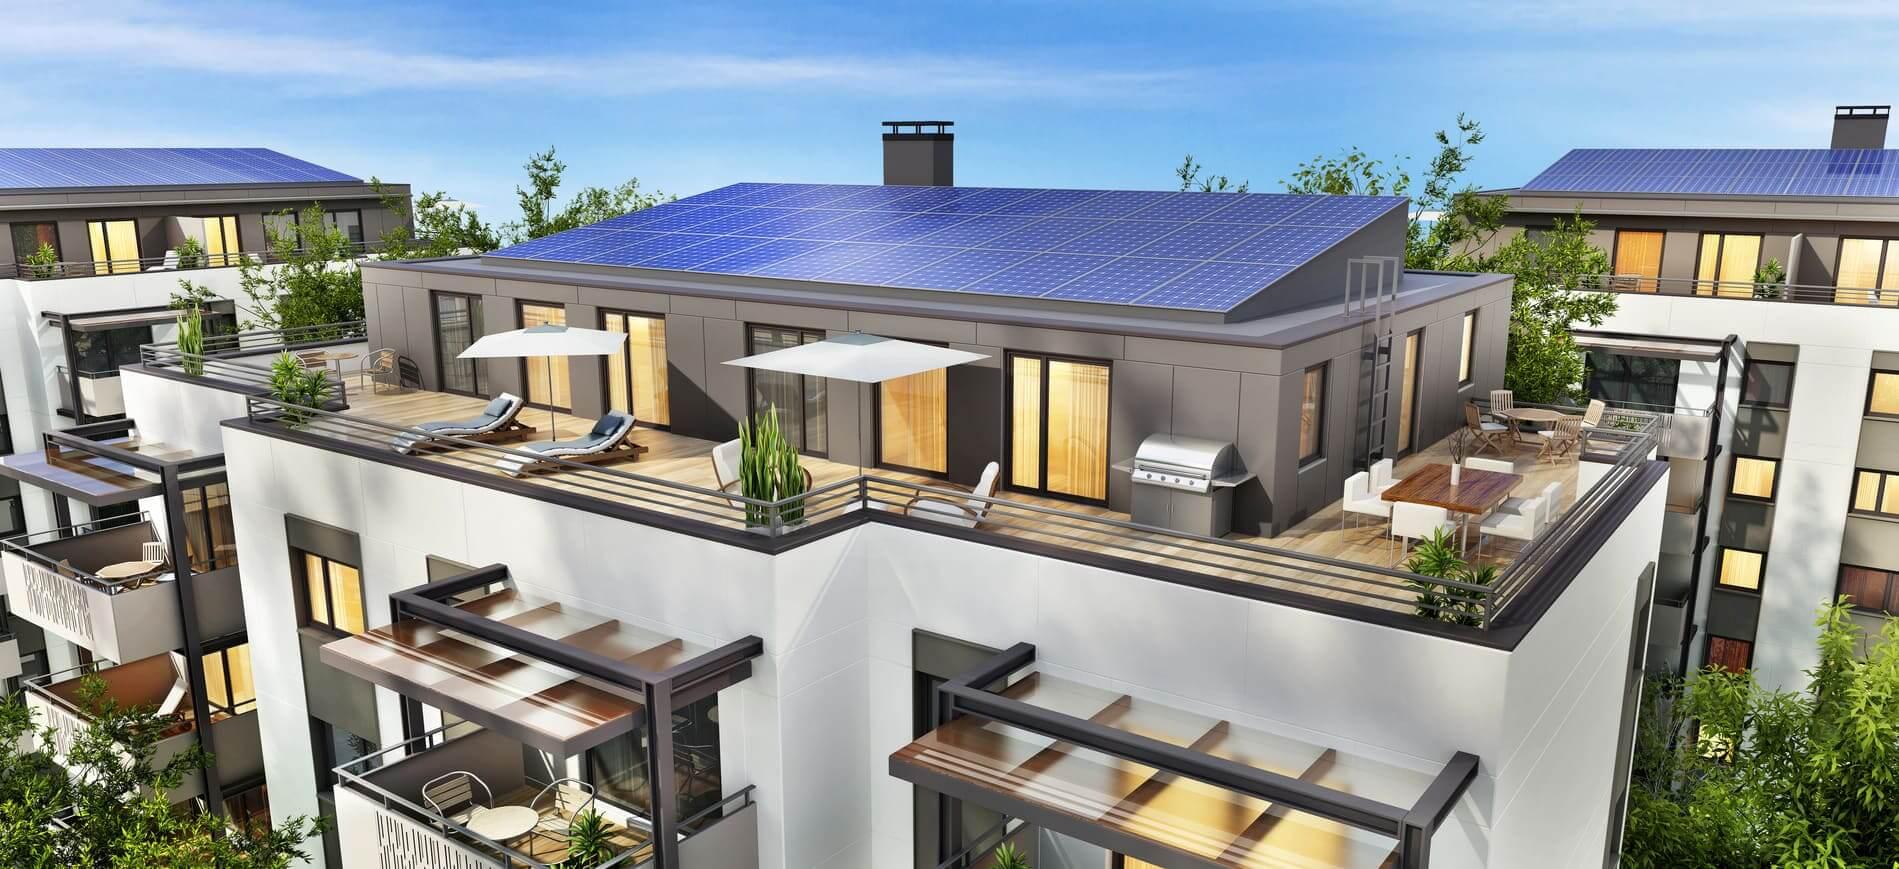 Architektur Softwarare Hausplaner Programm